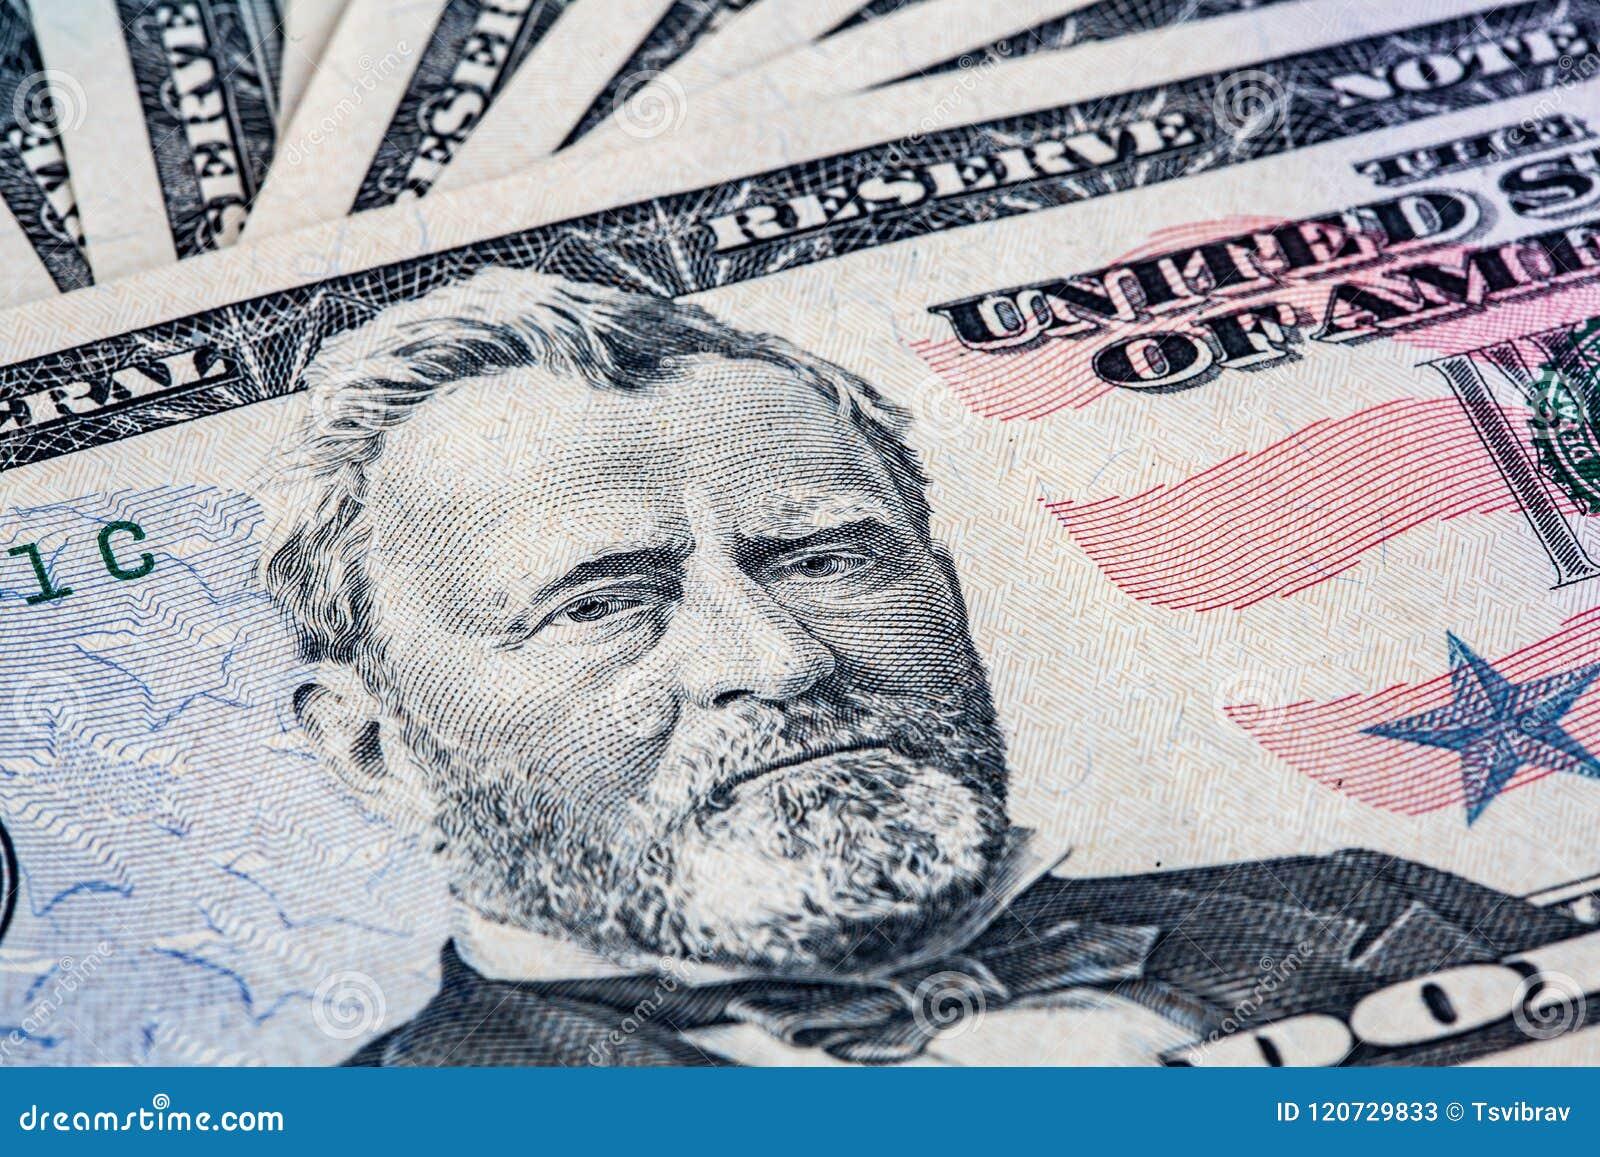 50 Dollarschein mit Ulysses S Grant Portrait